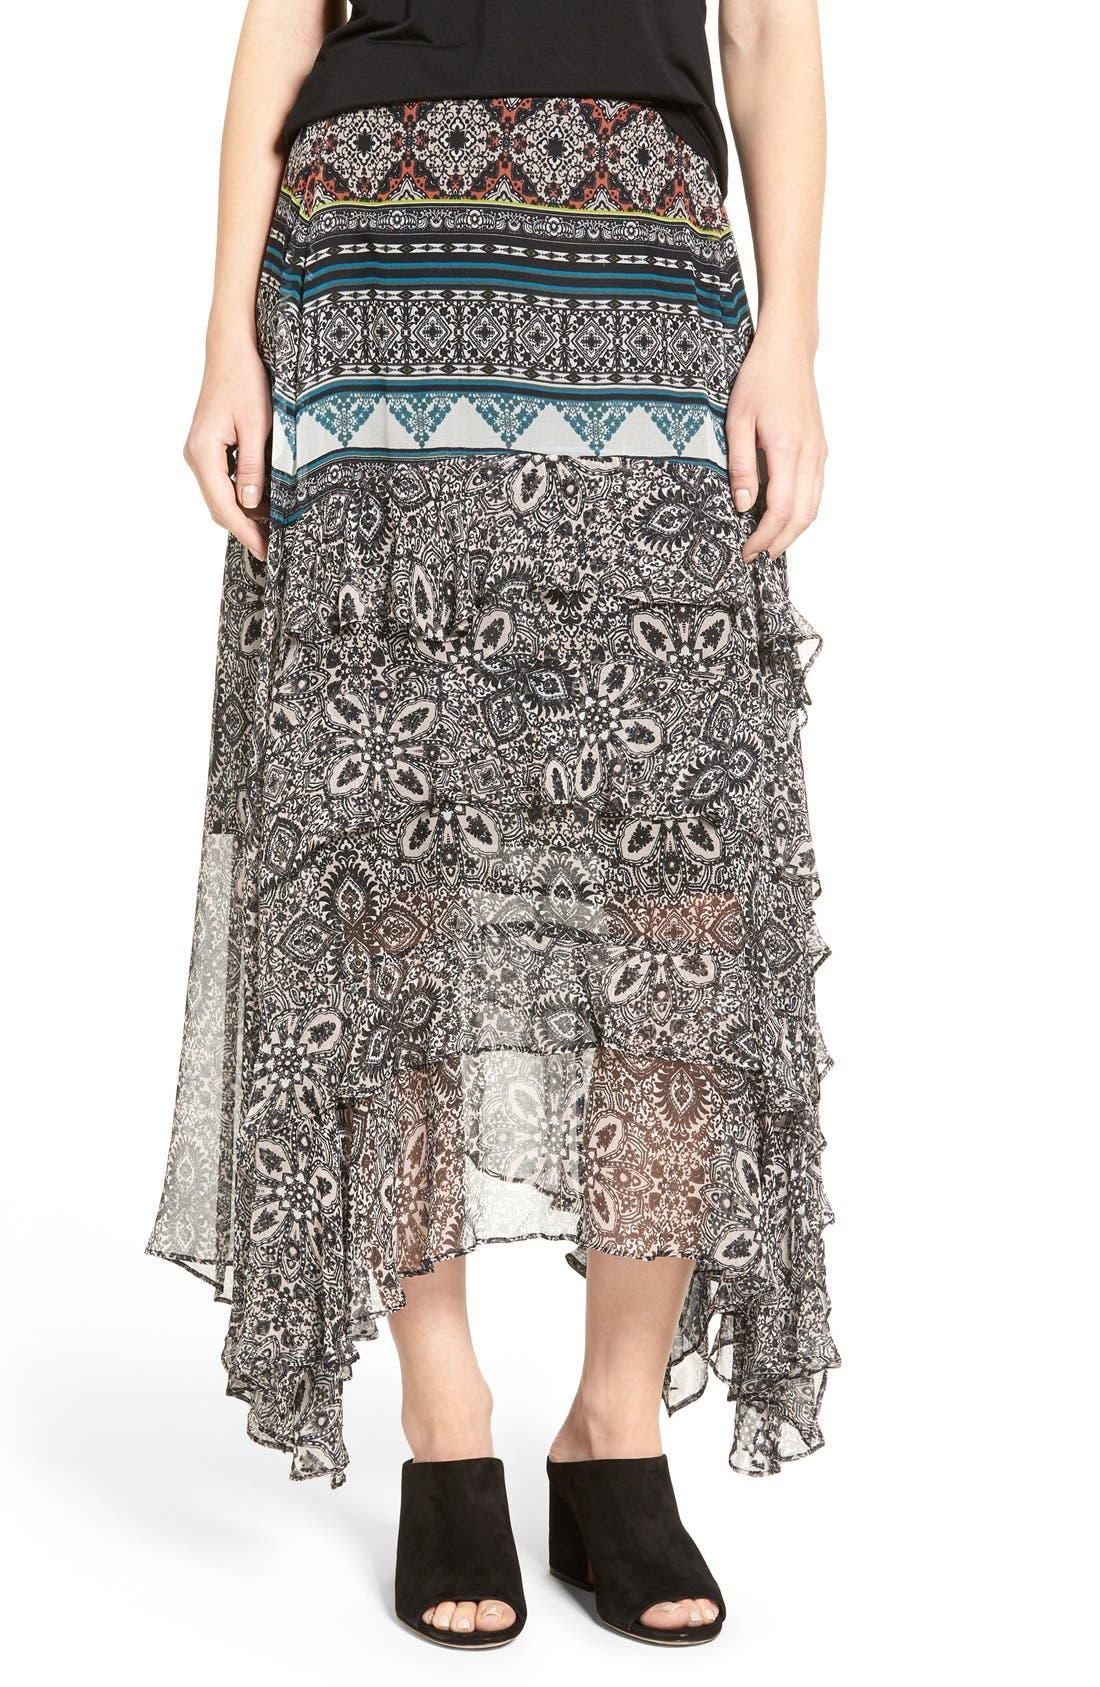 Alternate Image 1 Selected - Ella Moss Jacinda Skirt